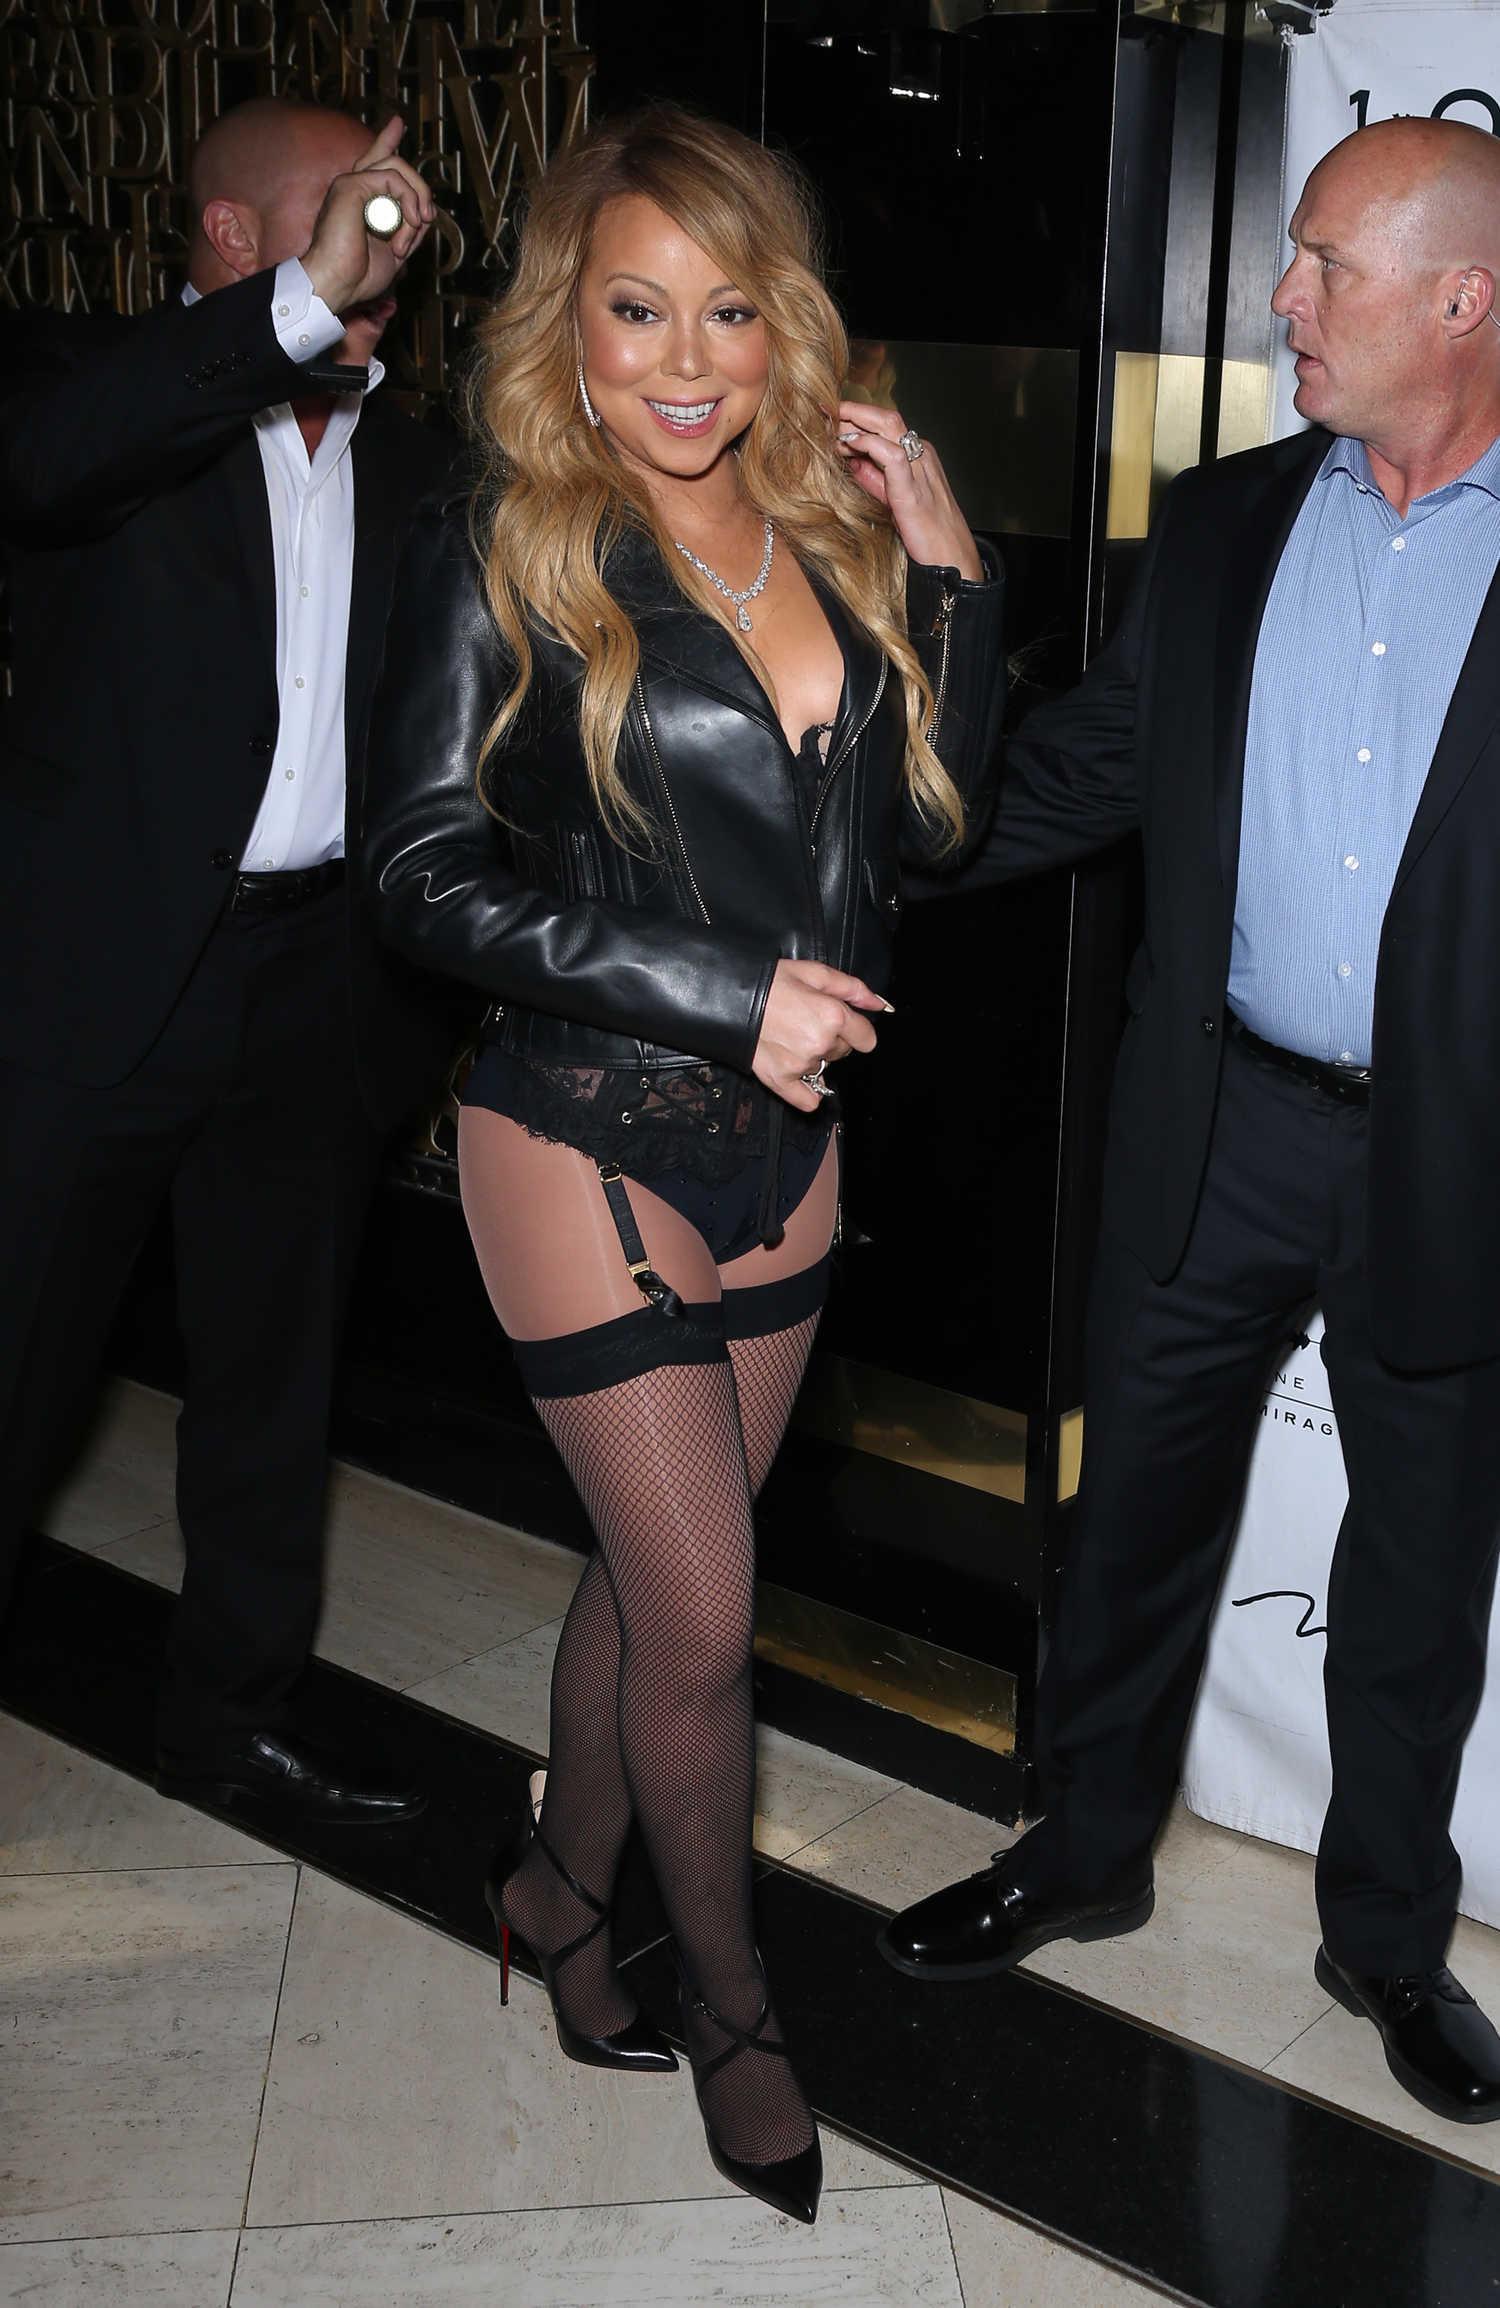 Mariah Carey Arrives At 1 Oak Nightclub In Las Vegas